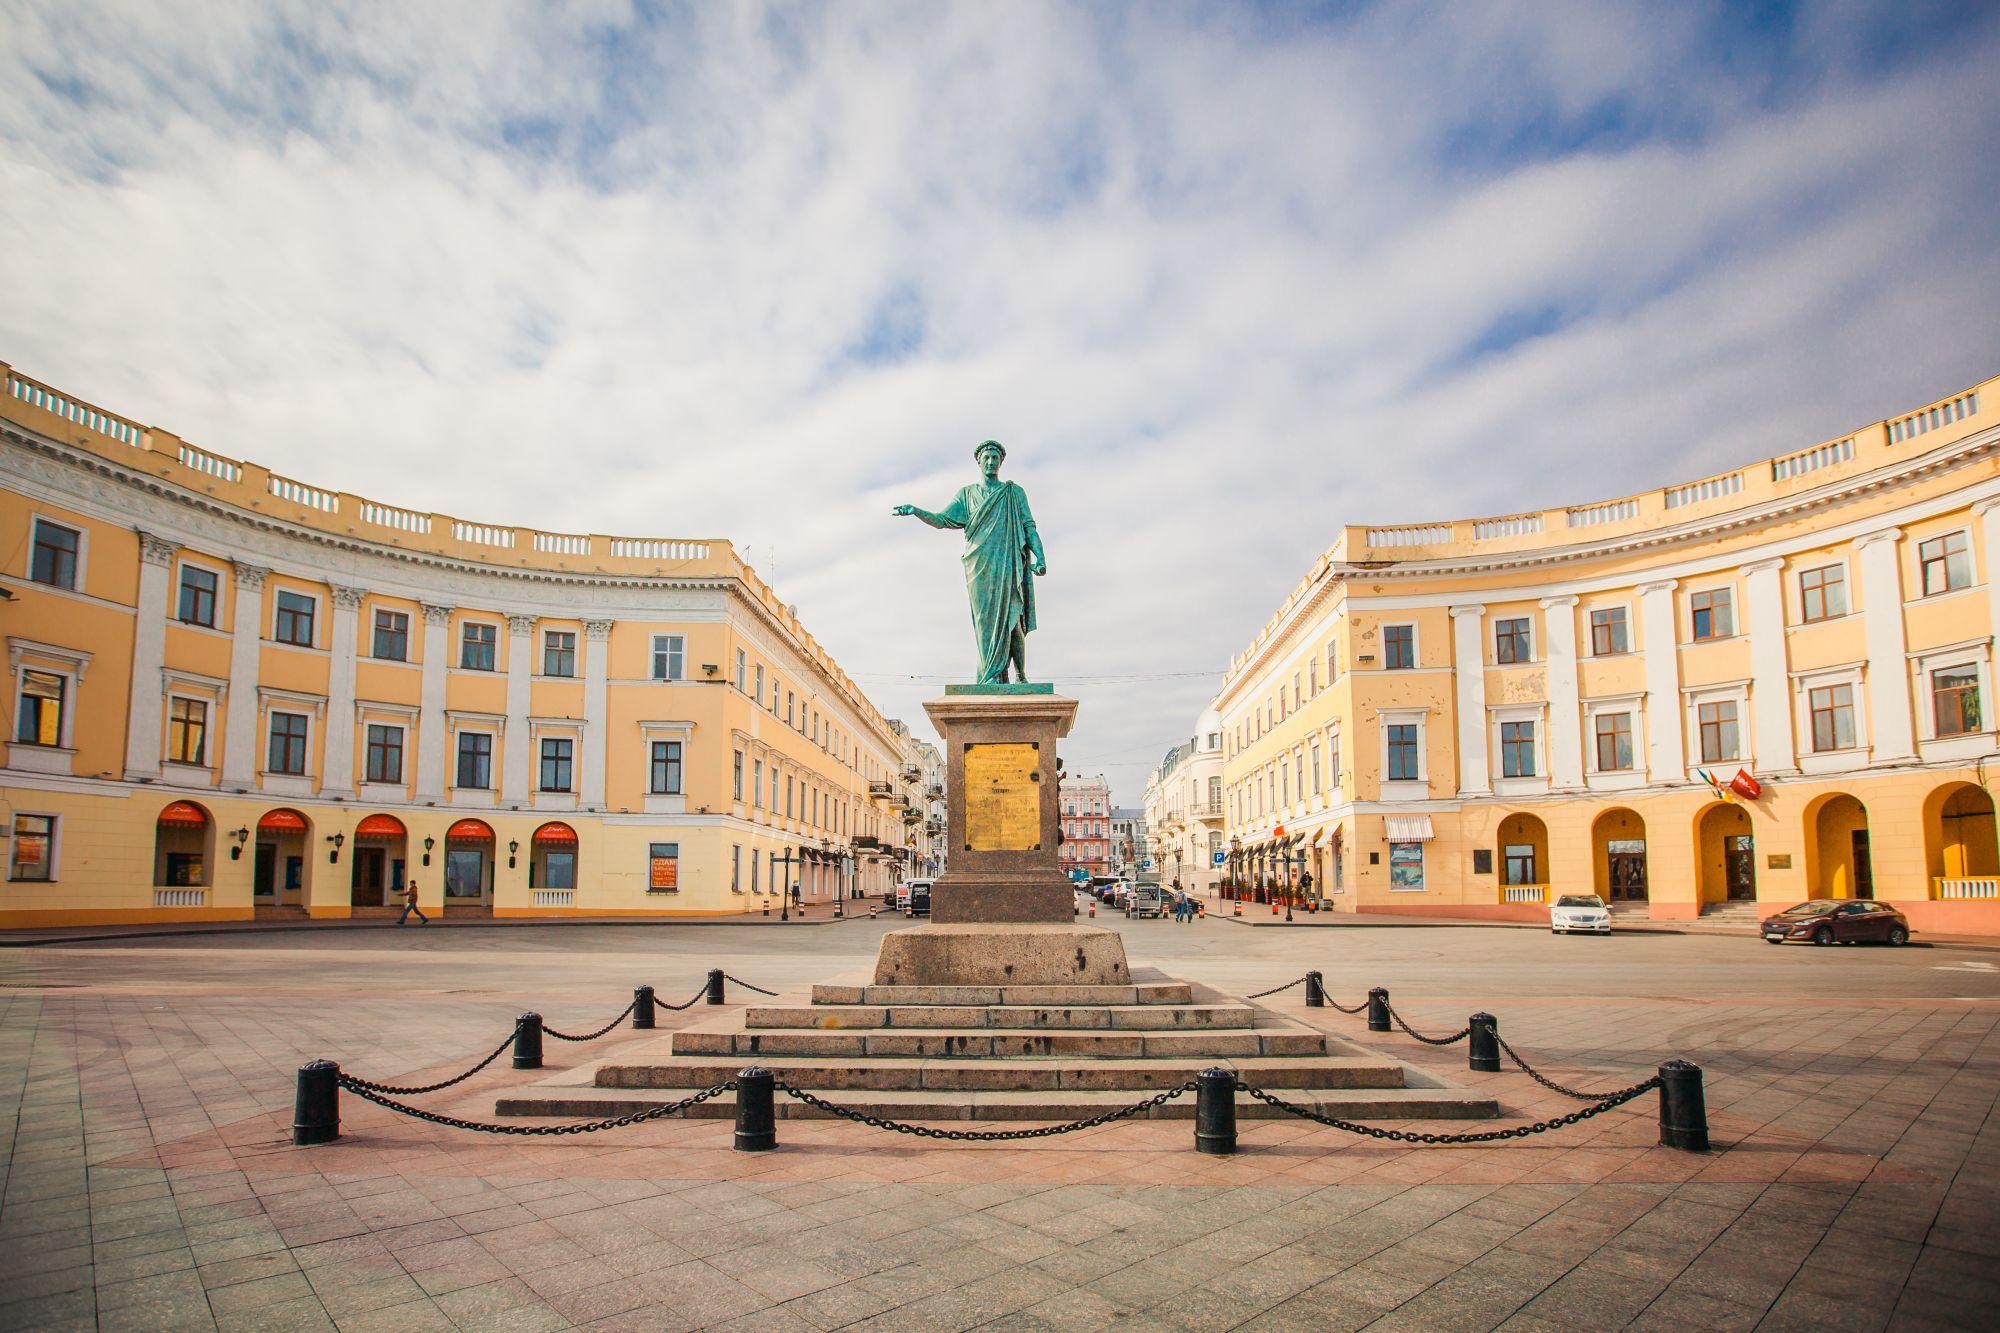 Pomnik w mieście